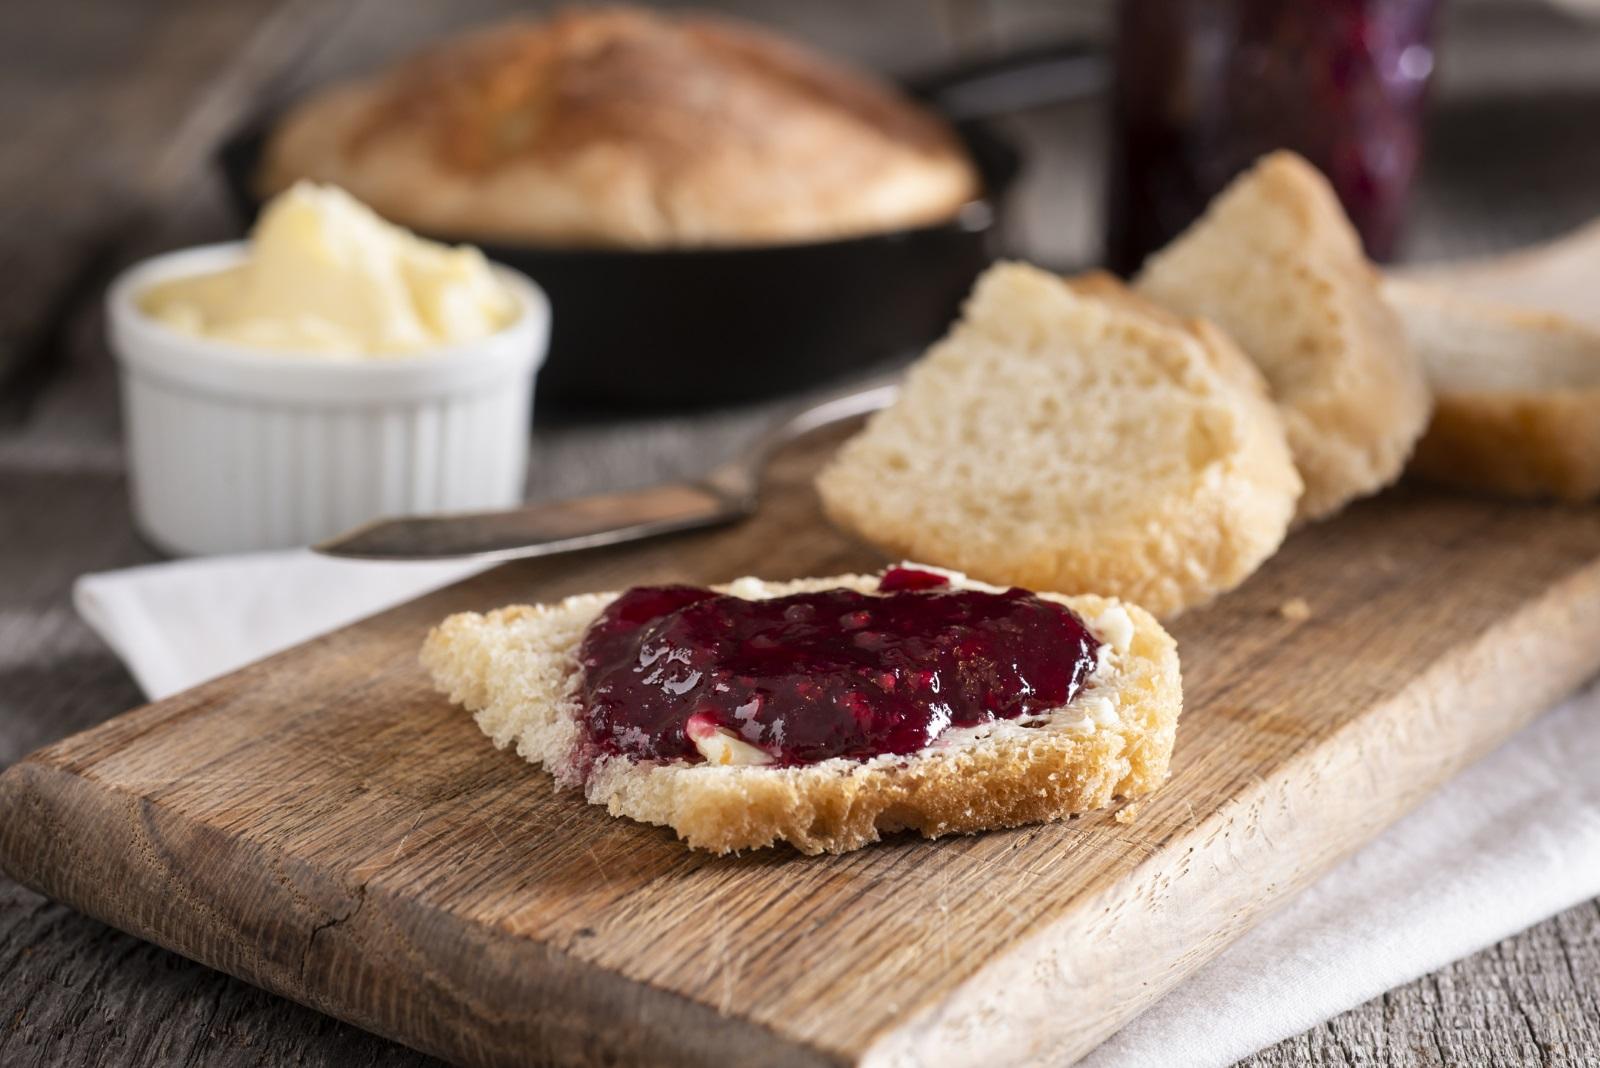 Бял препечен хляб Ако искаме да хапваме хляб, то трябва да се разделим с пухкавите бели филии. Пълнозърнестият хляб е с много повече полезни вещества, отколкото белият. Фибрите в него подобряват храносмилането, той е богат на витамини от Б групата и покачва бавно кръвната ни захар.